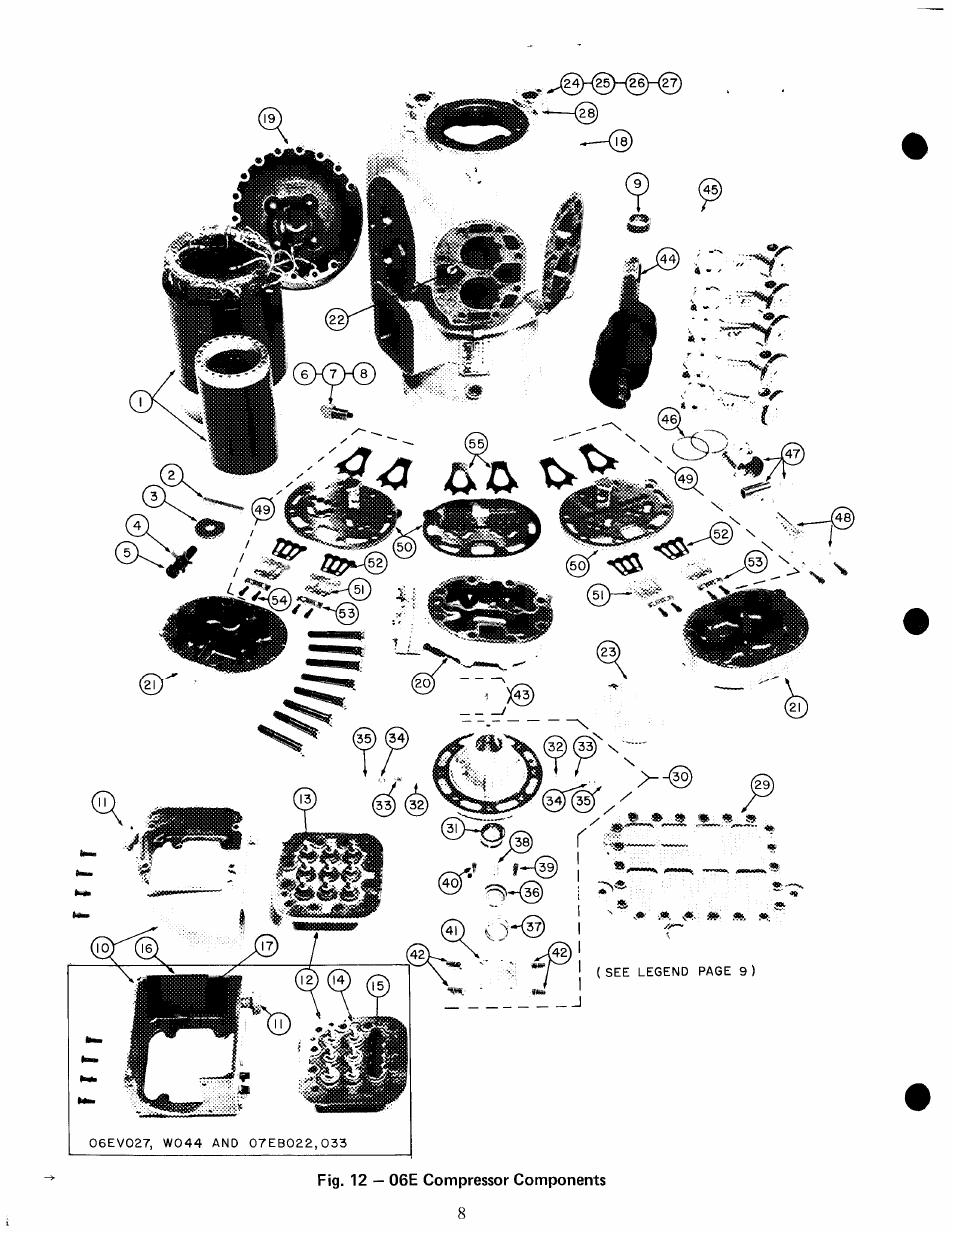 X v.-------------- @ _ ?' i, Fig. 12 — 06e compressor